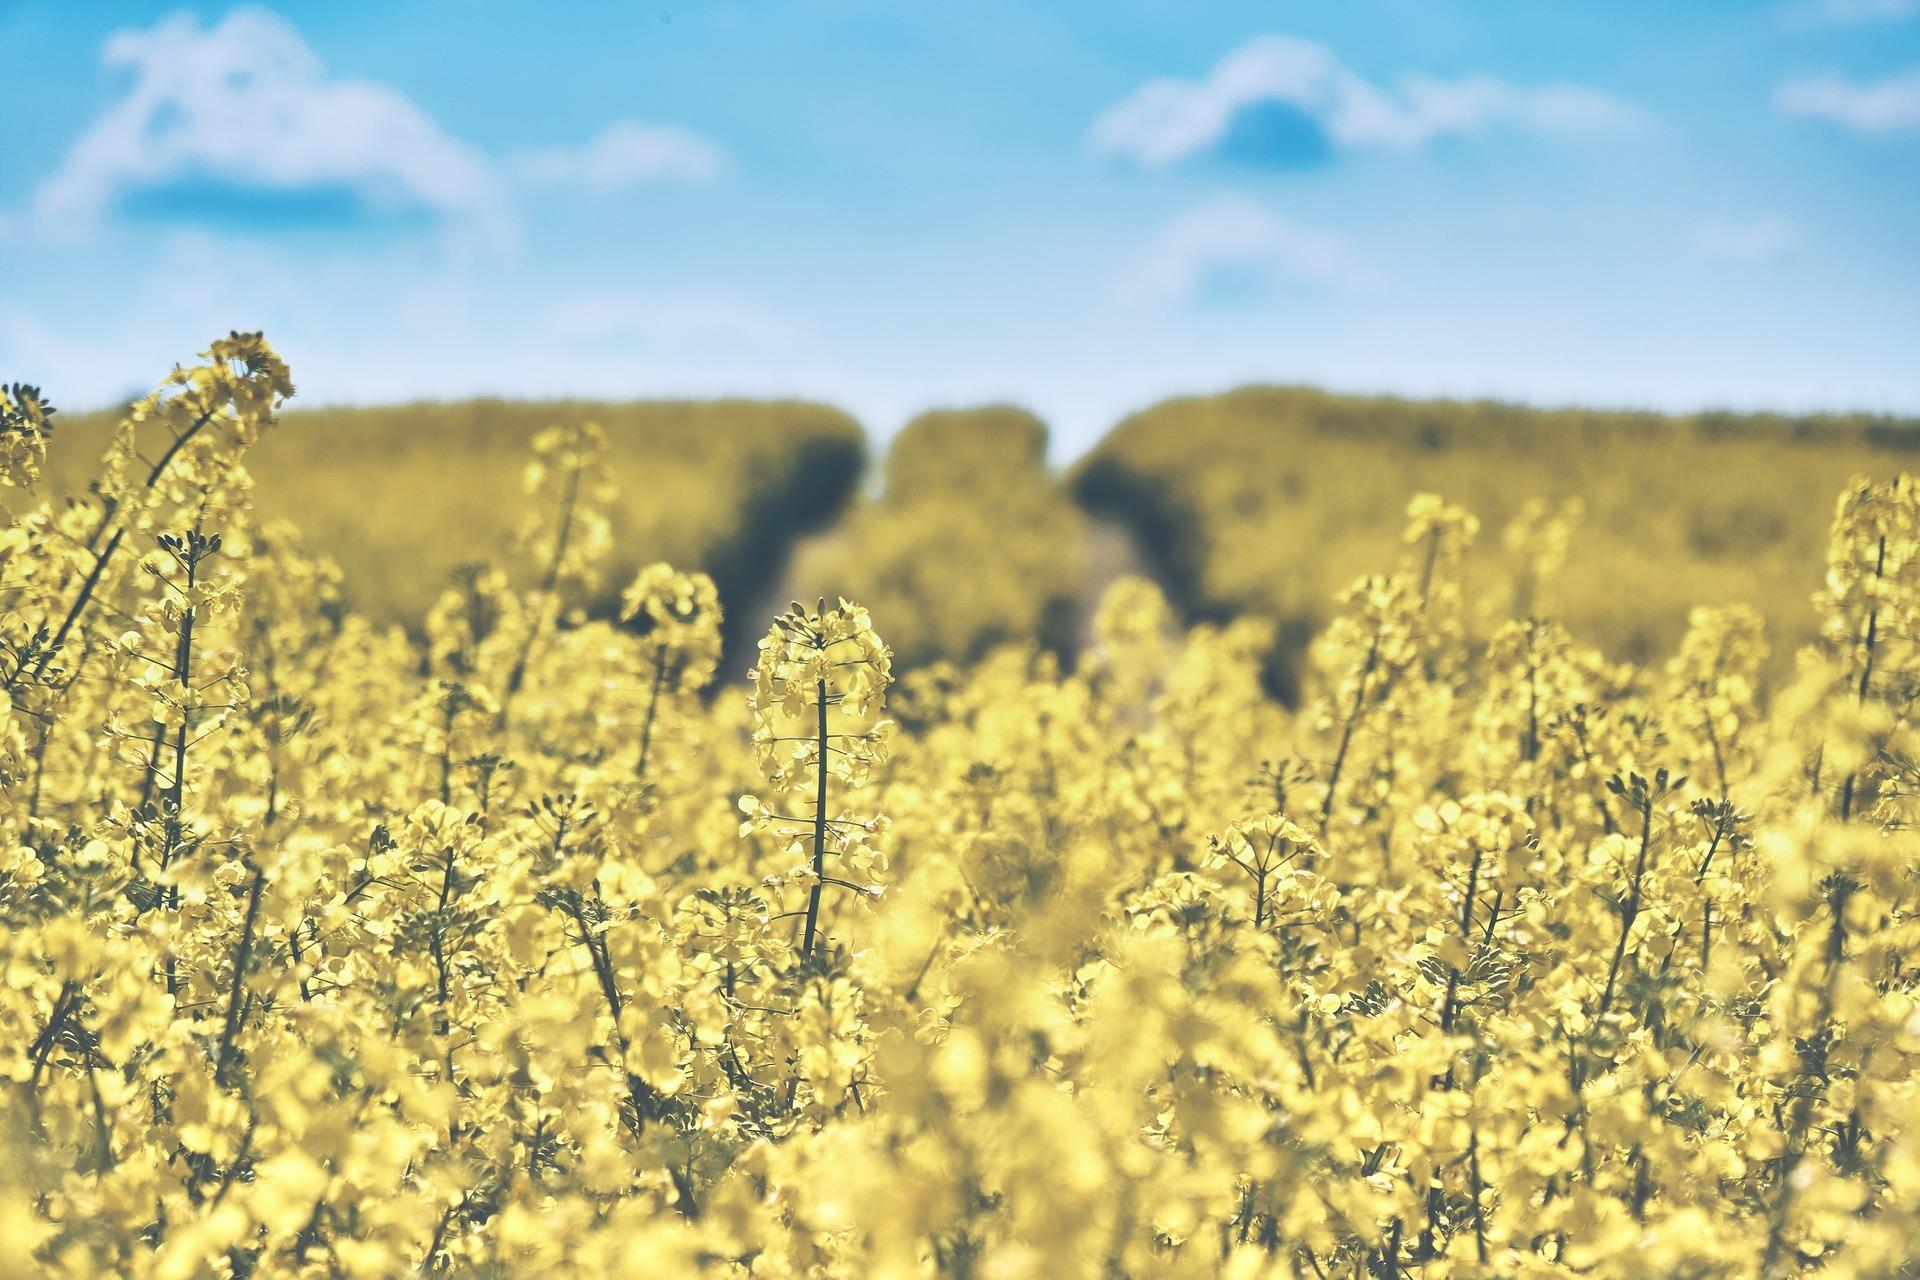 field-of-rapeseeds-1433380_1920.jpg